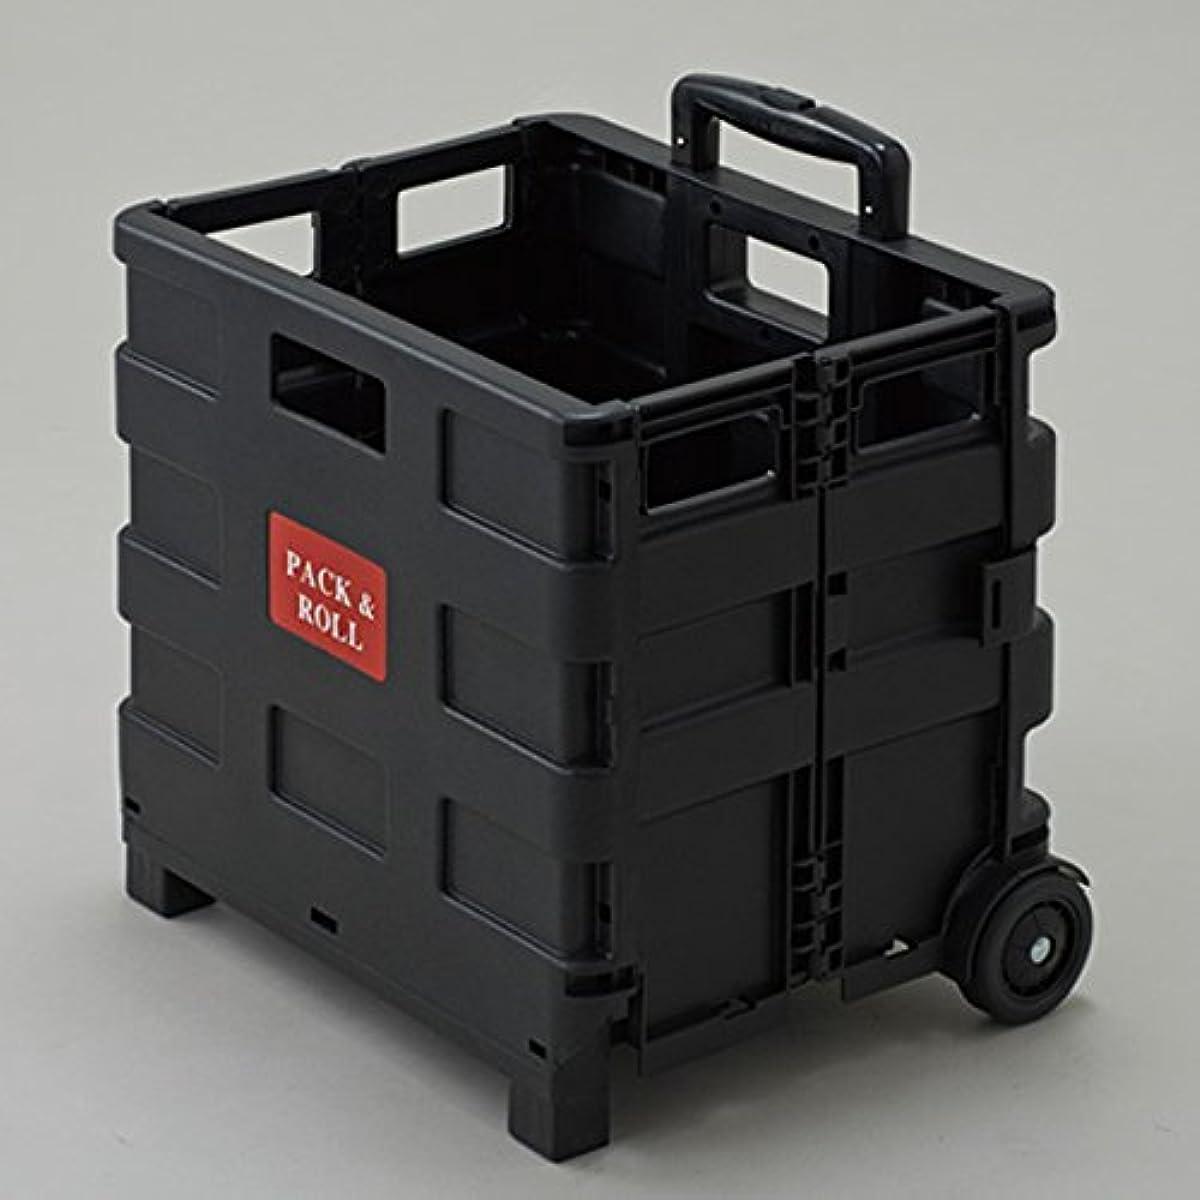 [해외] 접이식식 콘테이너 캐리 콤팩트 수납 스포츠레져,아웃도어,캠프에 편안하게 운반할 수 있다